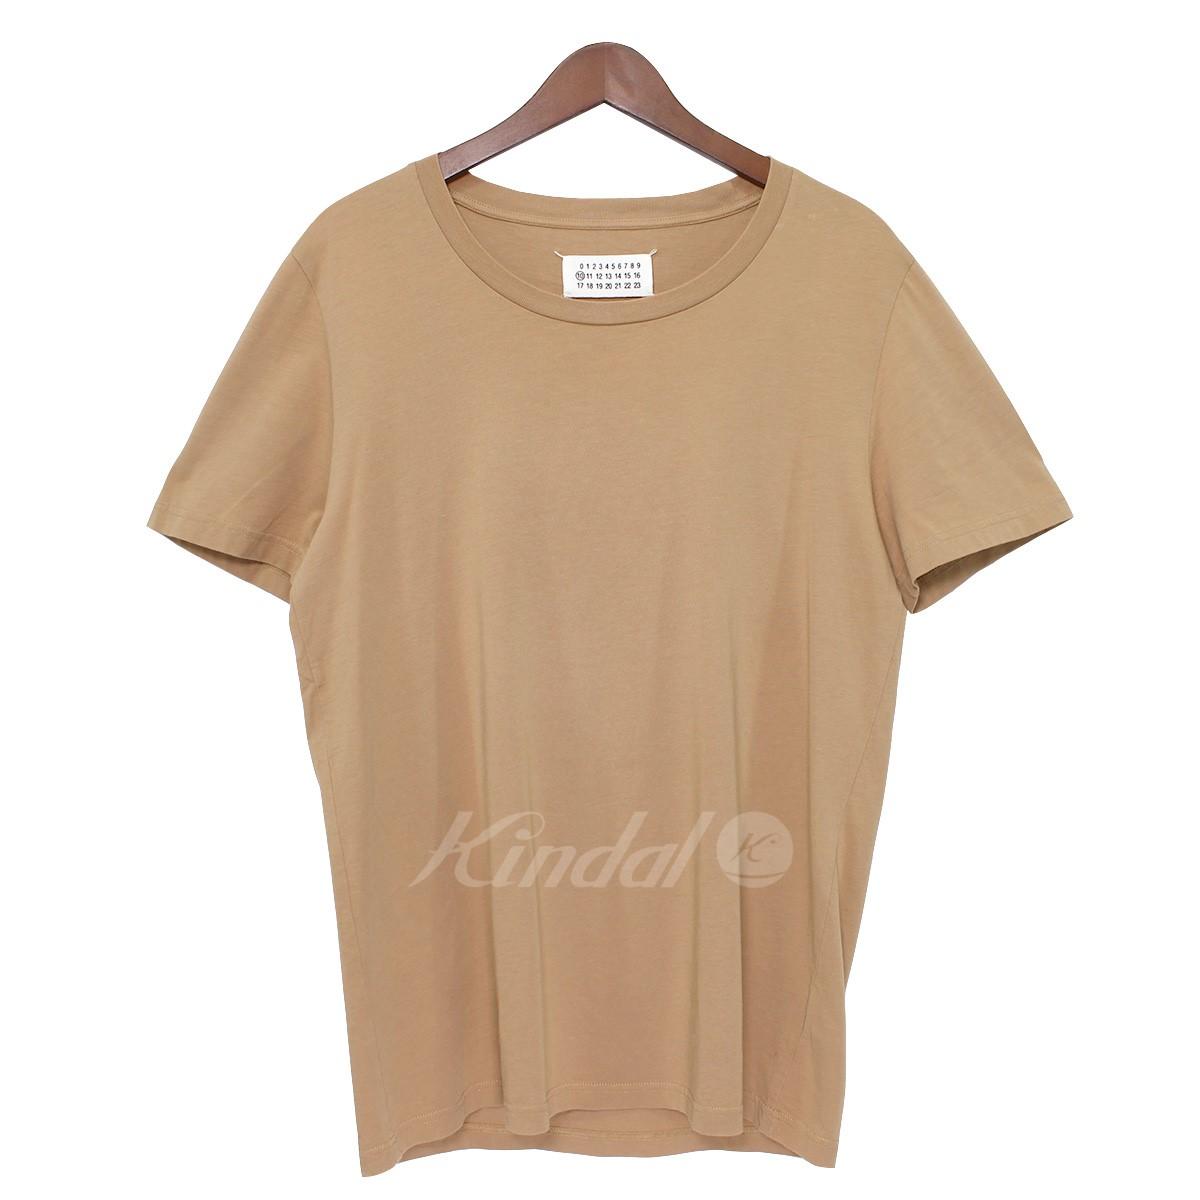 【中古】Martin Margiela 10 クルーネックカットソー Tシャツ ブラウン サイズ:S 【送料無料】 【190319】(マルタンマルジェラ)